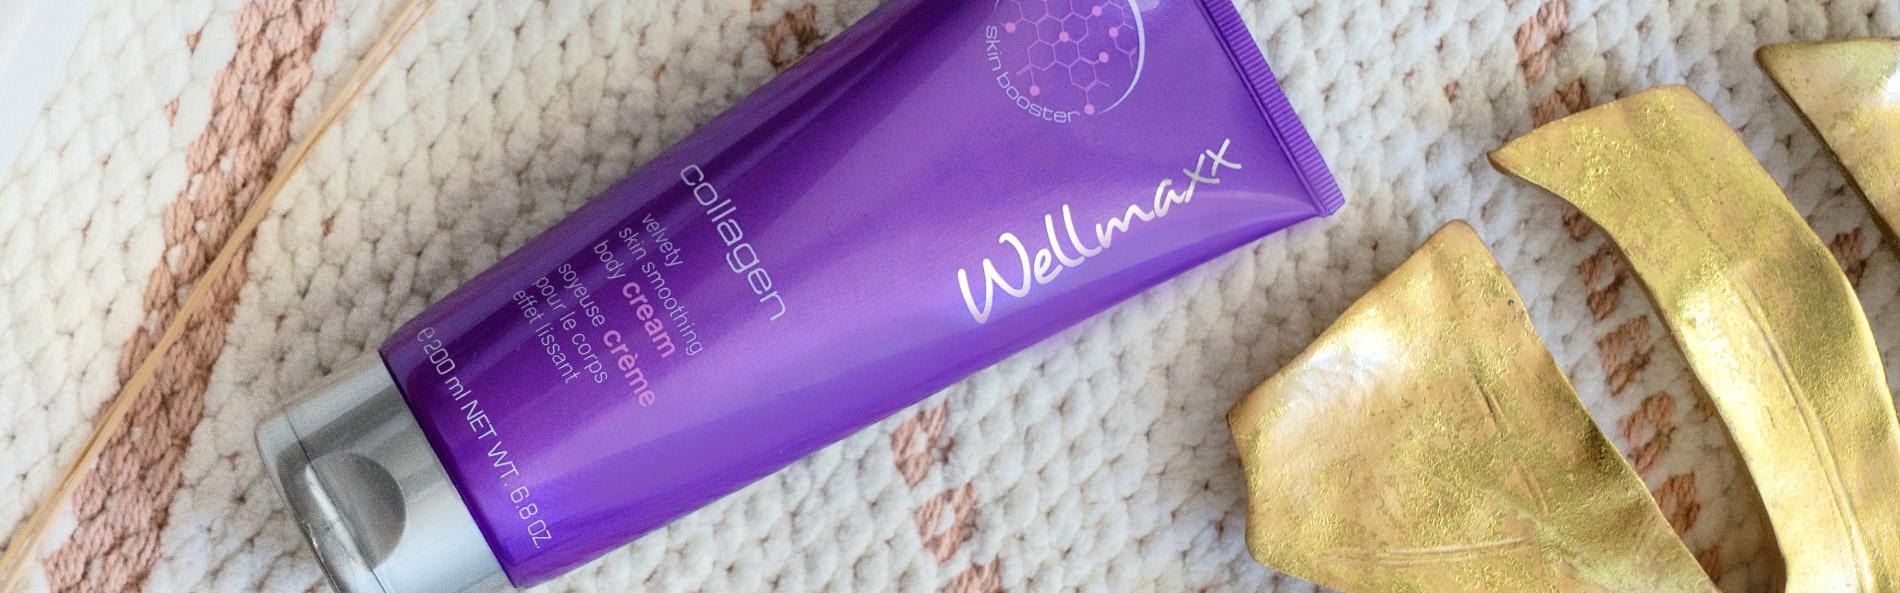 WELLMAXX collagen